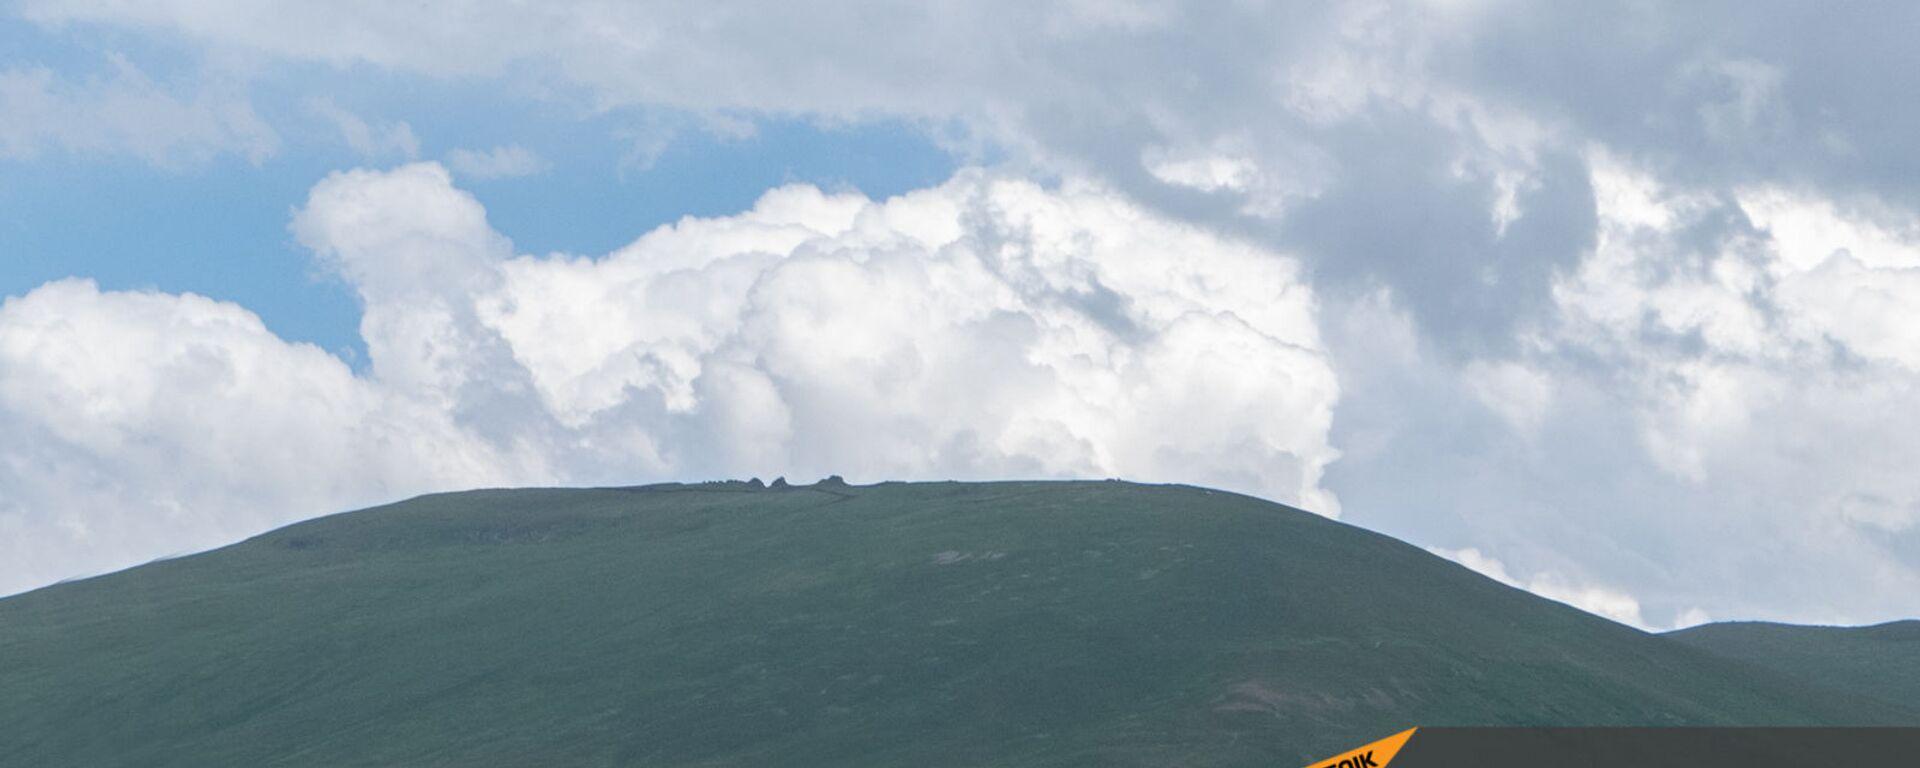 Армянские и азербайджанские позиции на высоте у села Кут - Sputnik Արմենիա, 1920, 28.08.2021